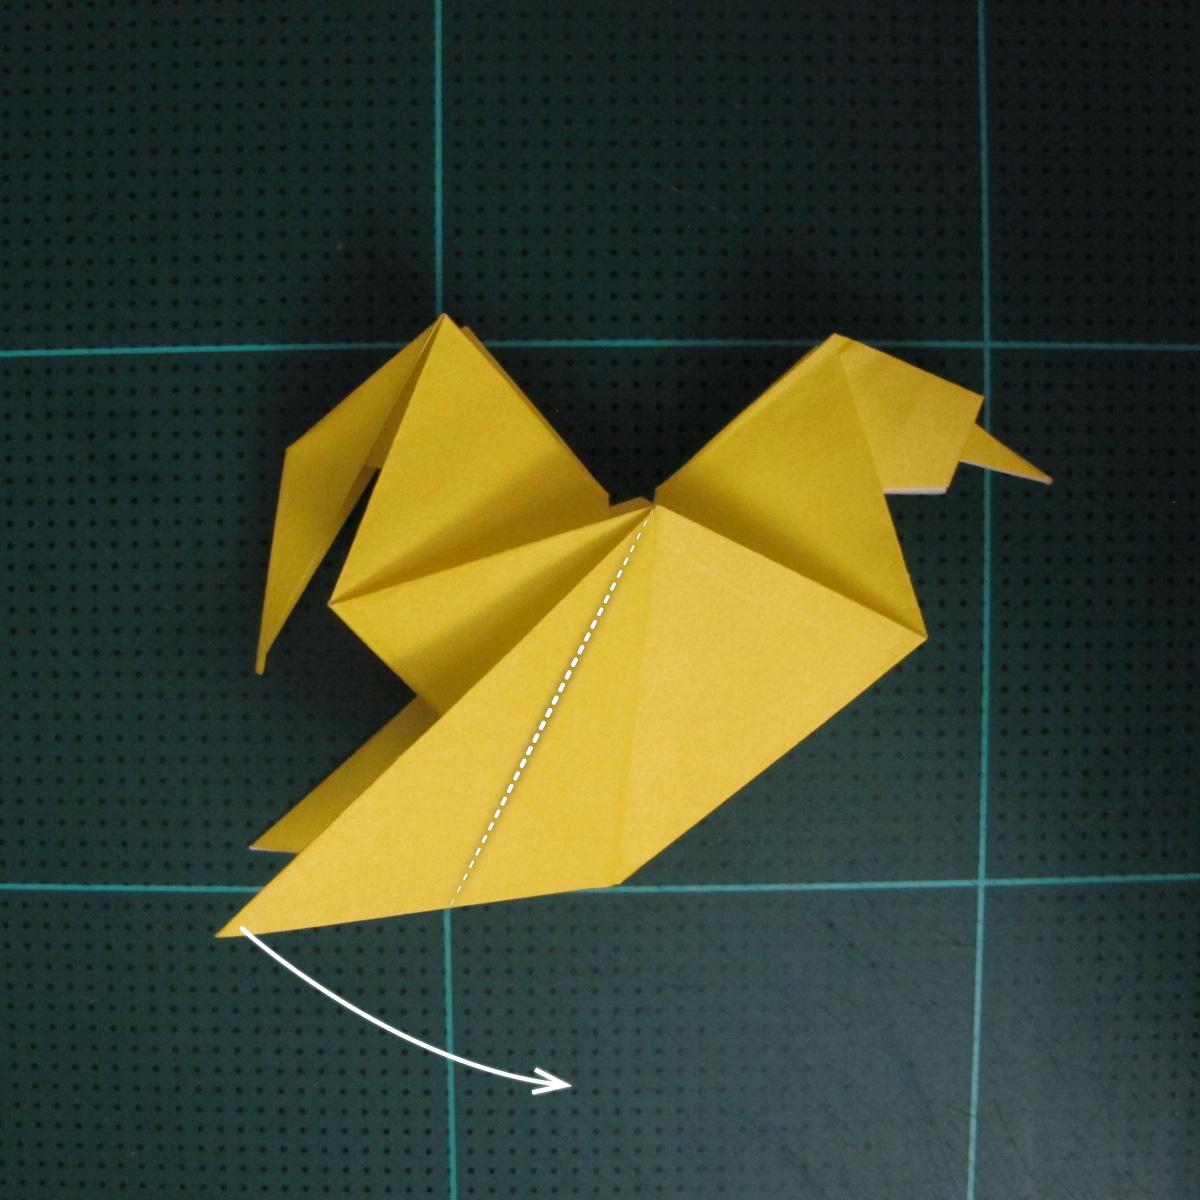 การพับกระดาษเป็นรูปไก่ (Origami Rooster) 008